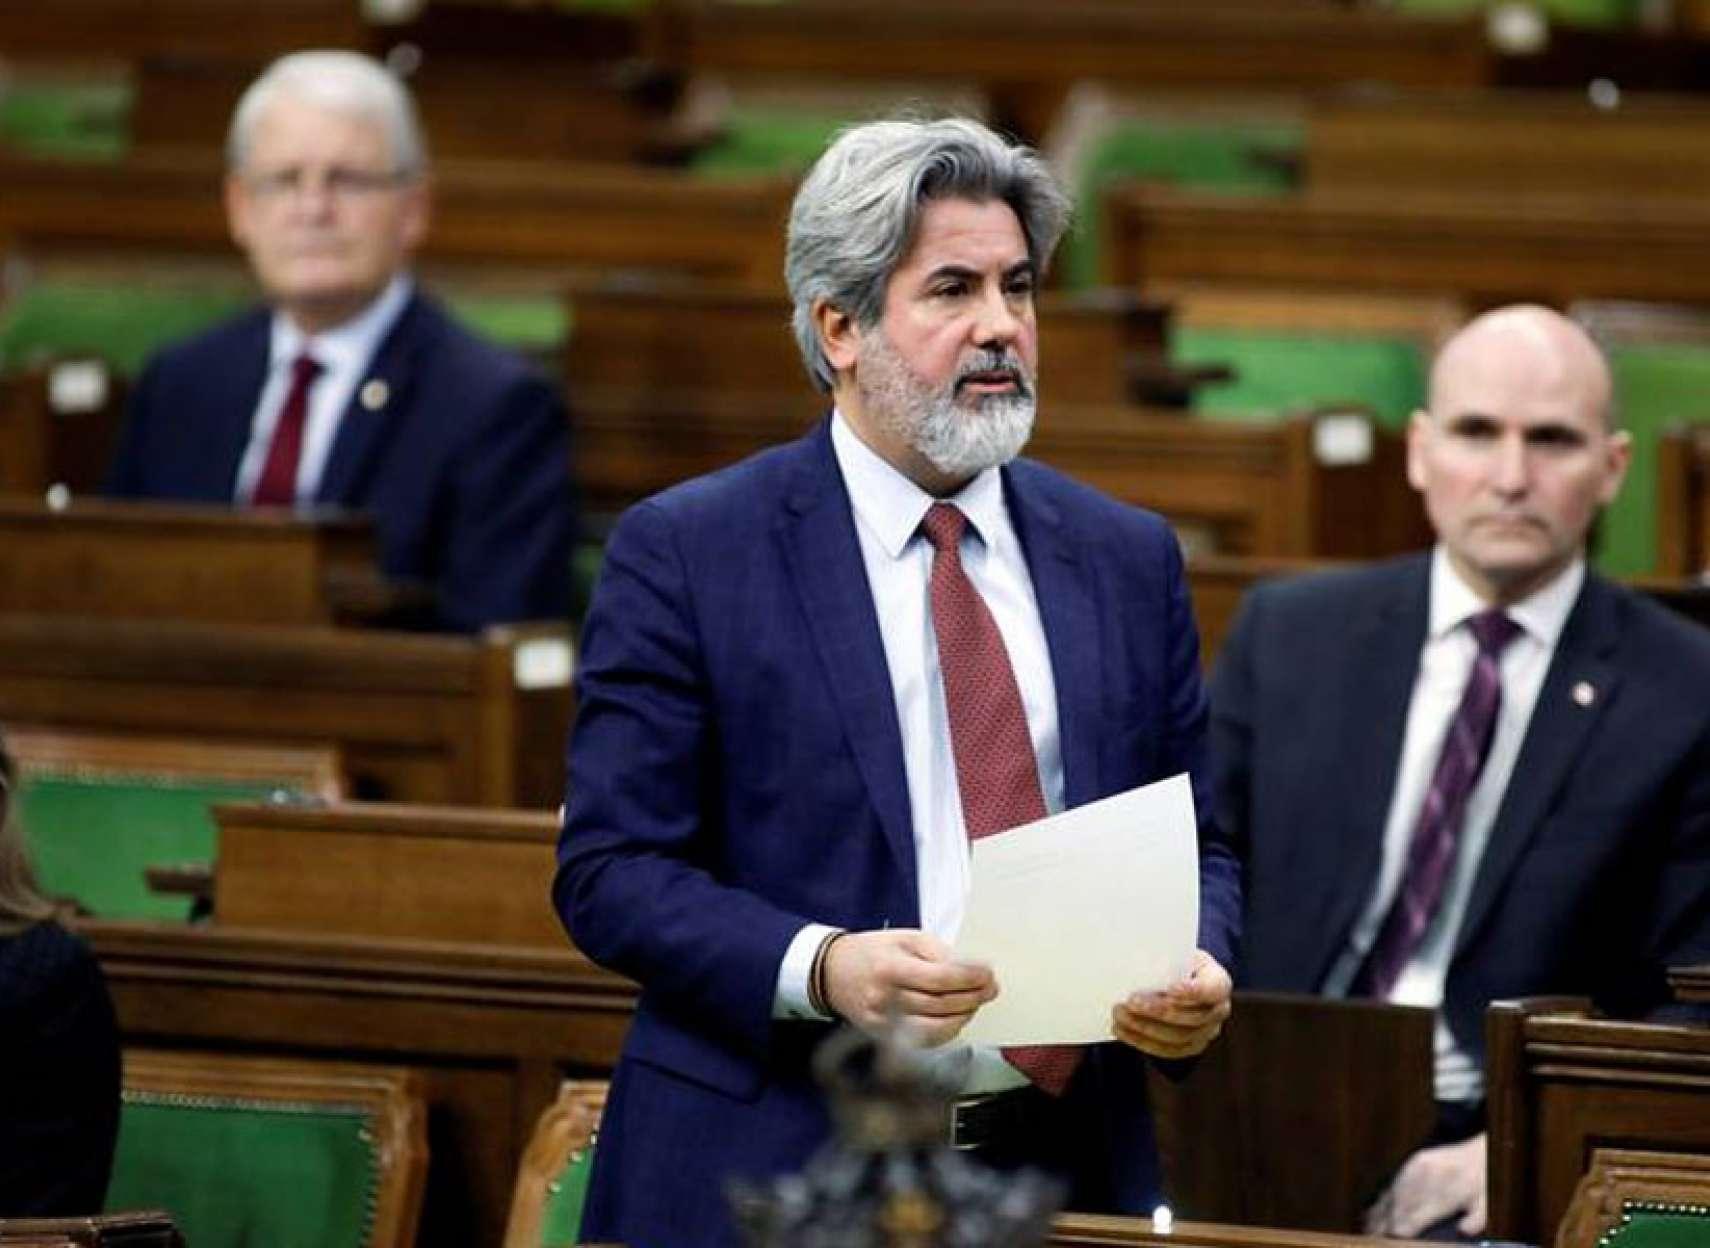 اخبار-کانادا-شکست-ترودو-در-تصویب-لایحه-کرونا-در-مجلس